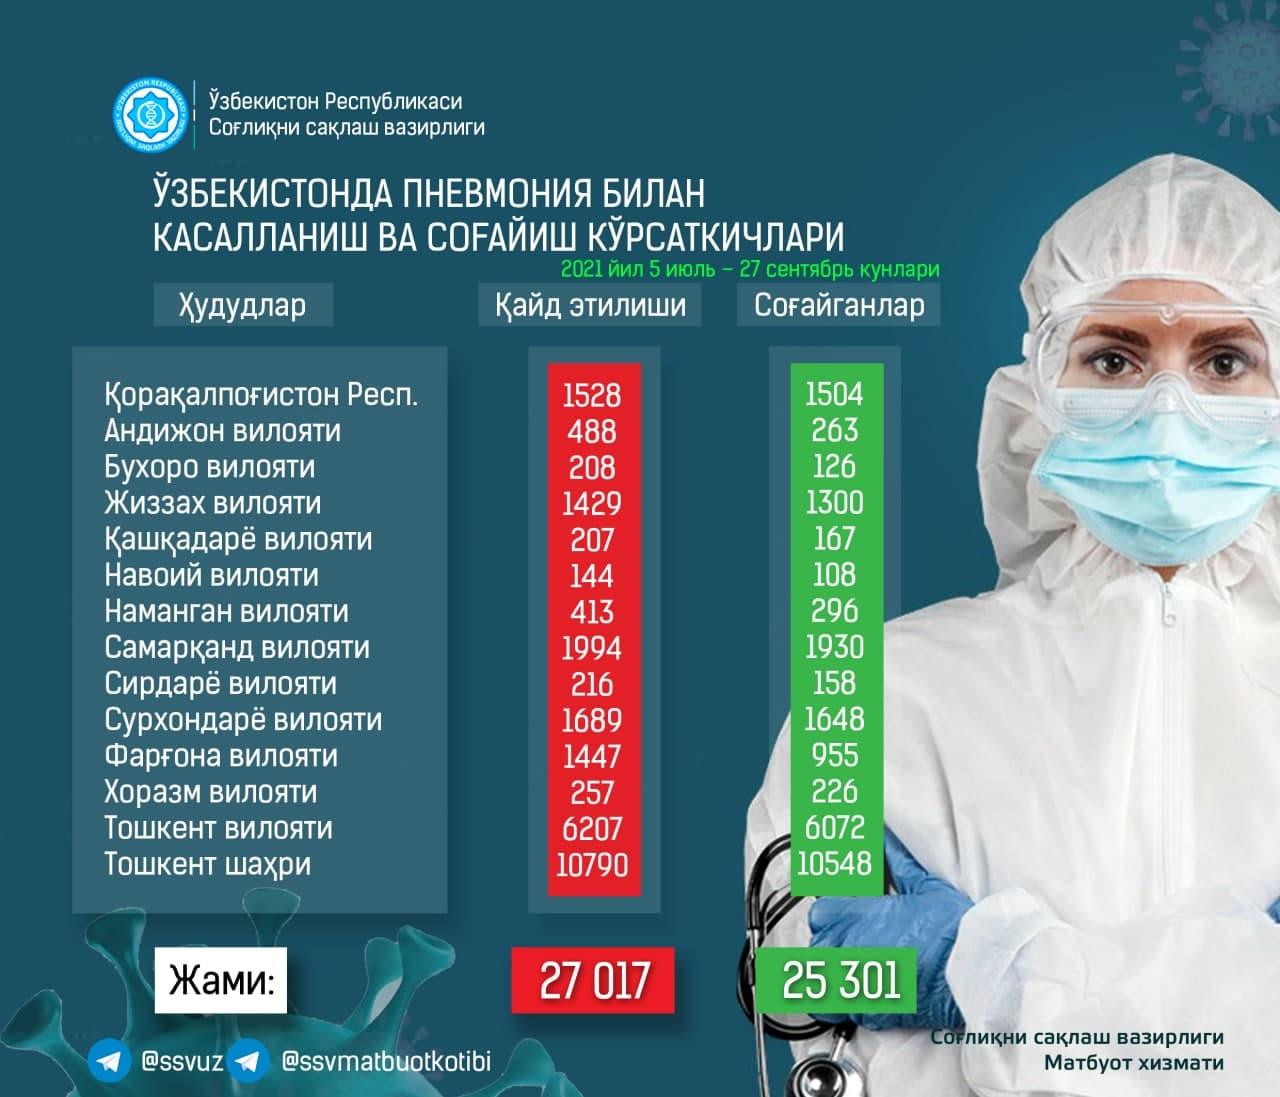 Количество заболевших пневмонией за сутки продолжает падать — статистика